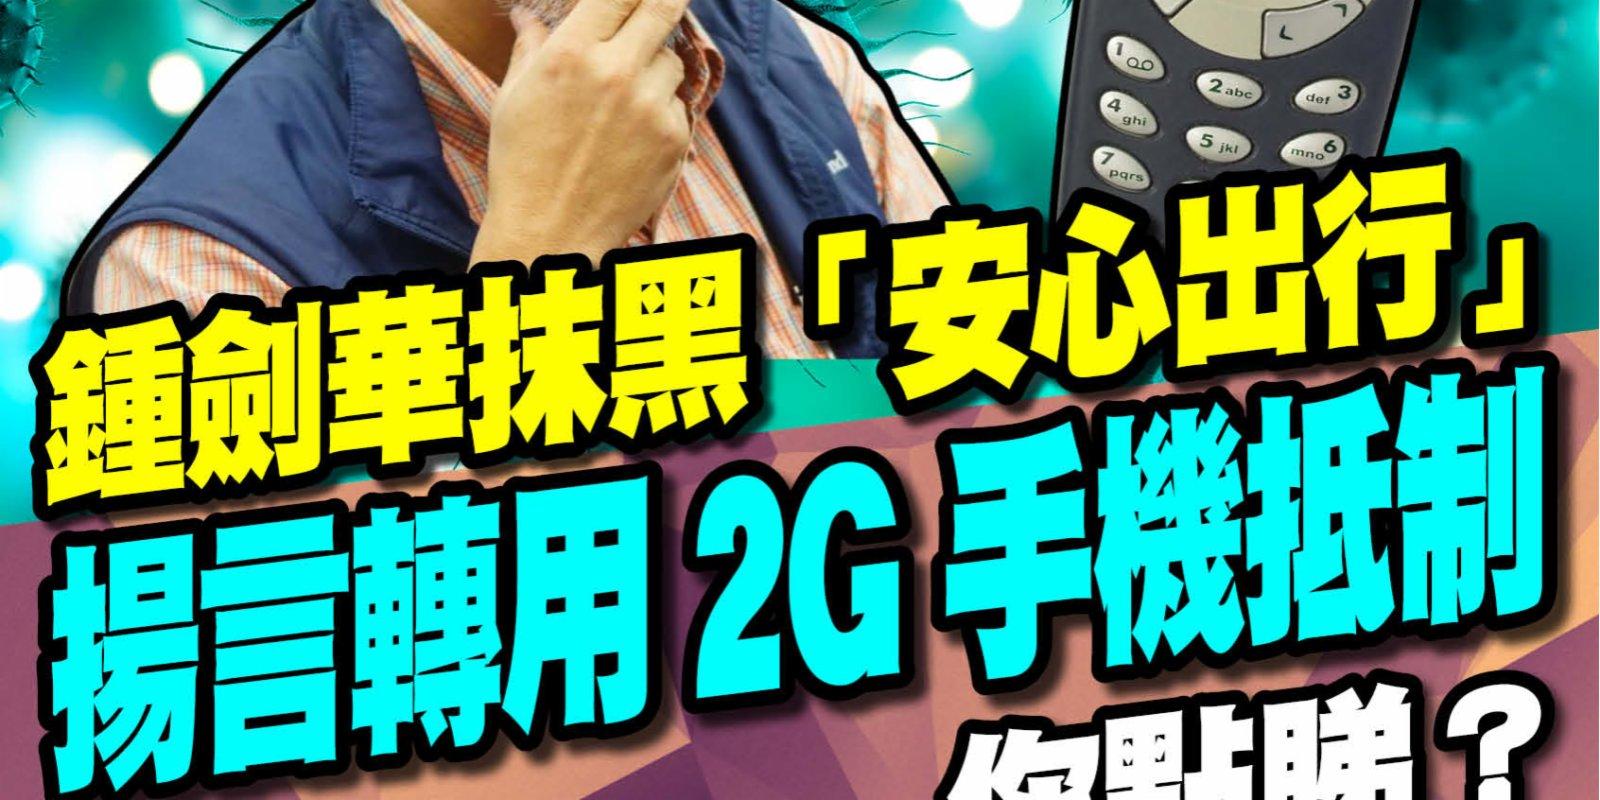 鍾劍華抹黑「安心出行」 揚言轉用2G手機抵制 你點睇?